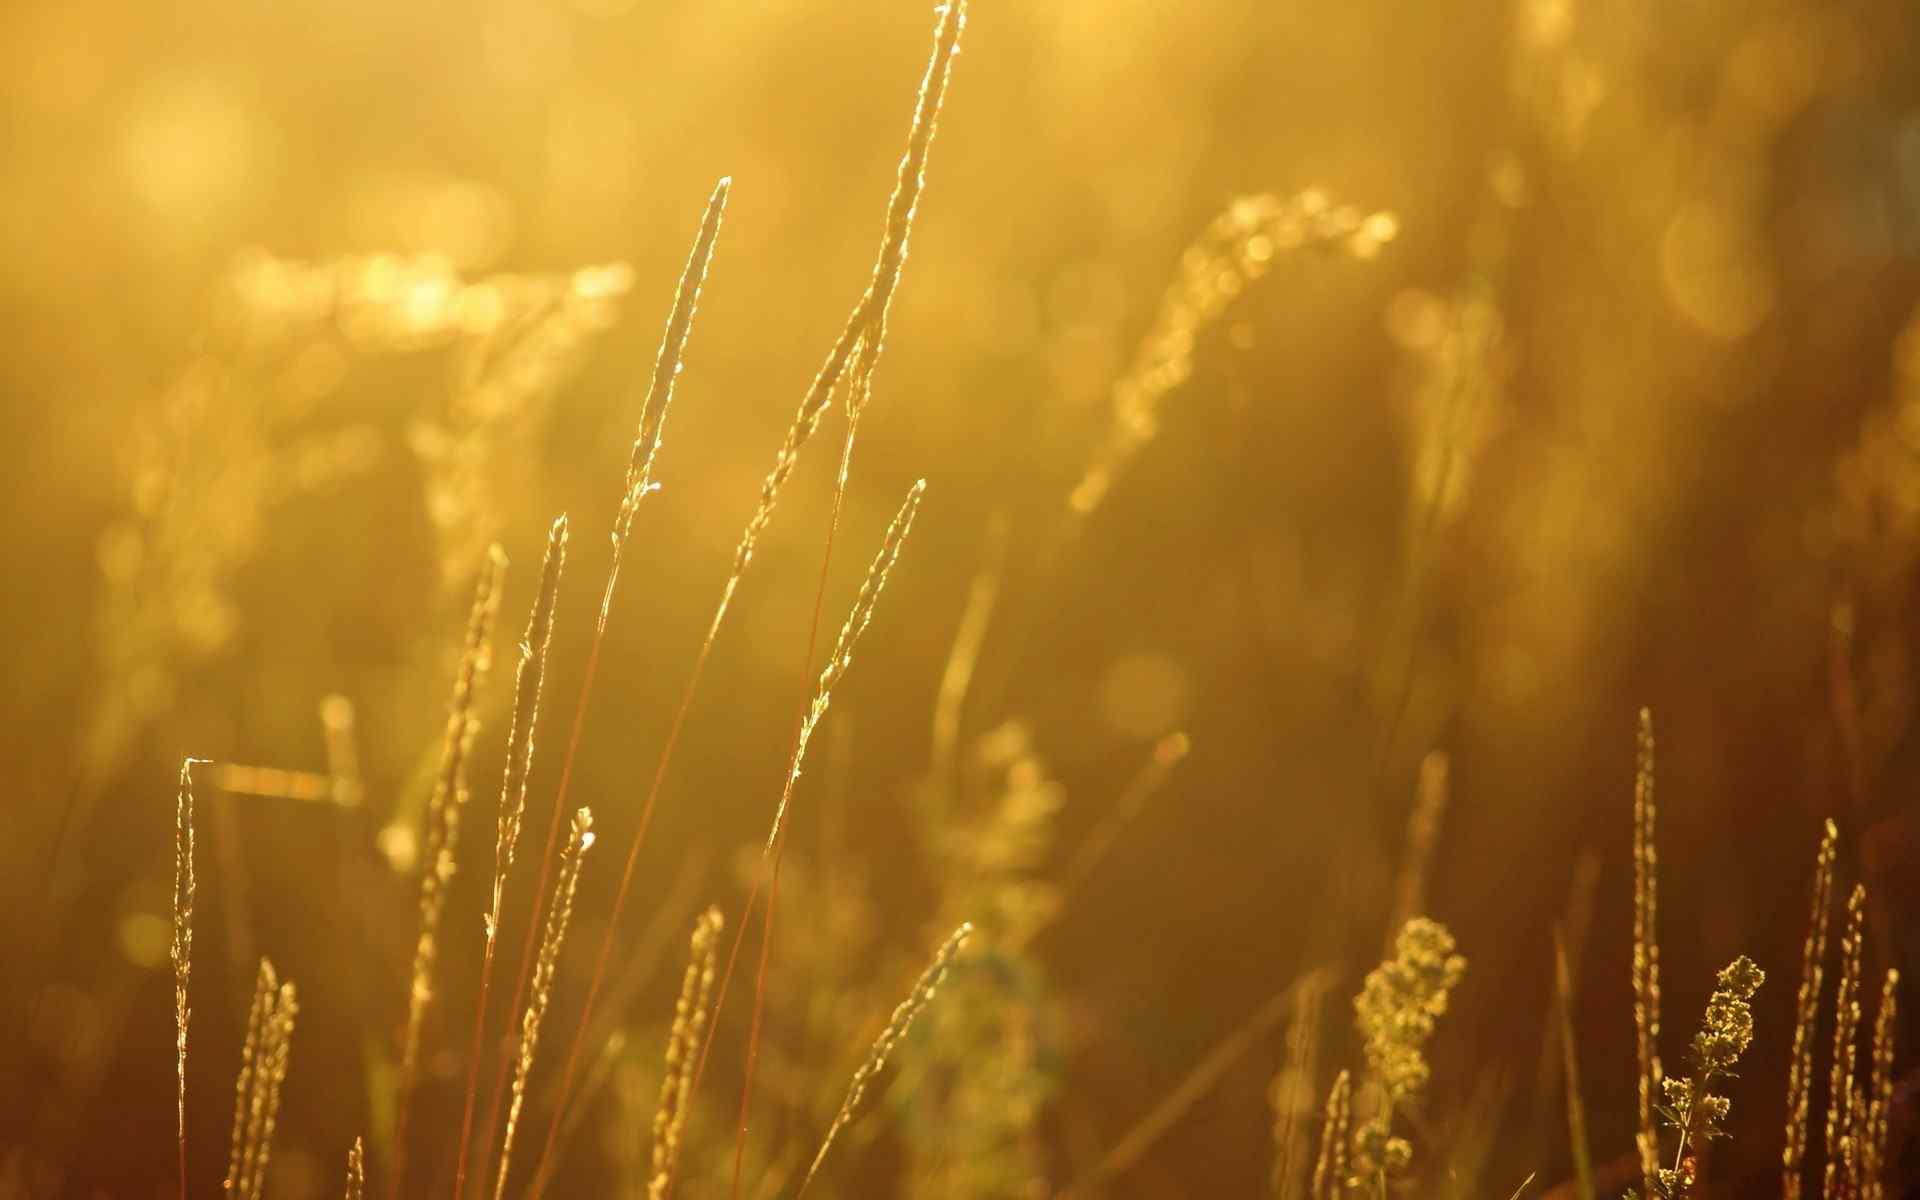 唯美日落黄昏下的狗尾巴草桌面壁纸